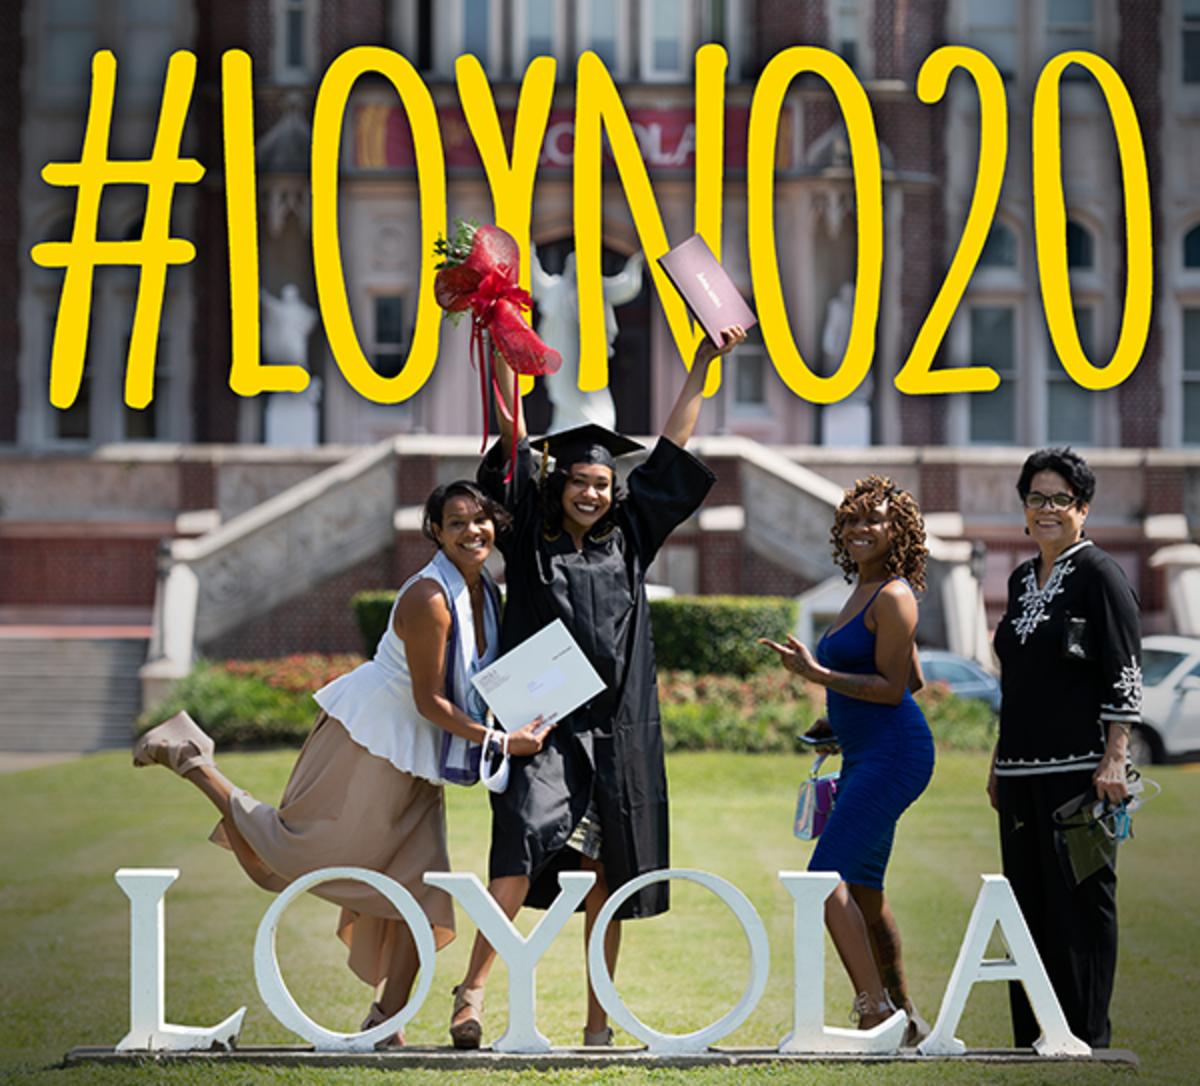 #LOYNO20